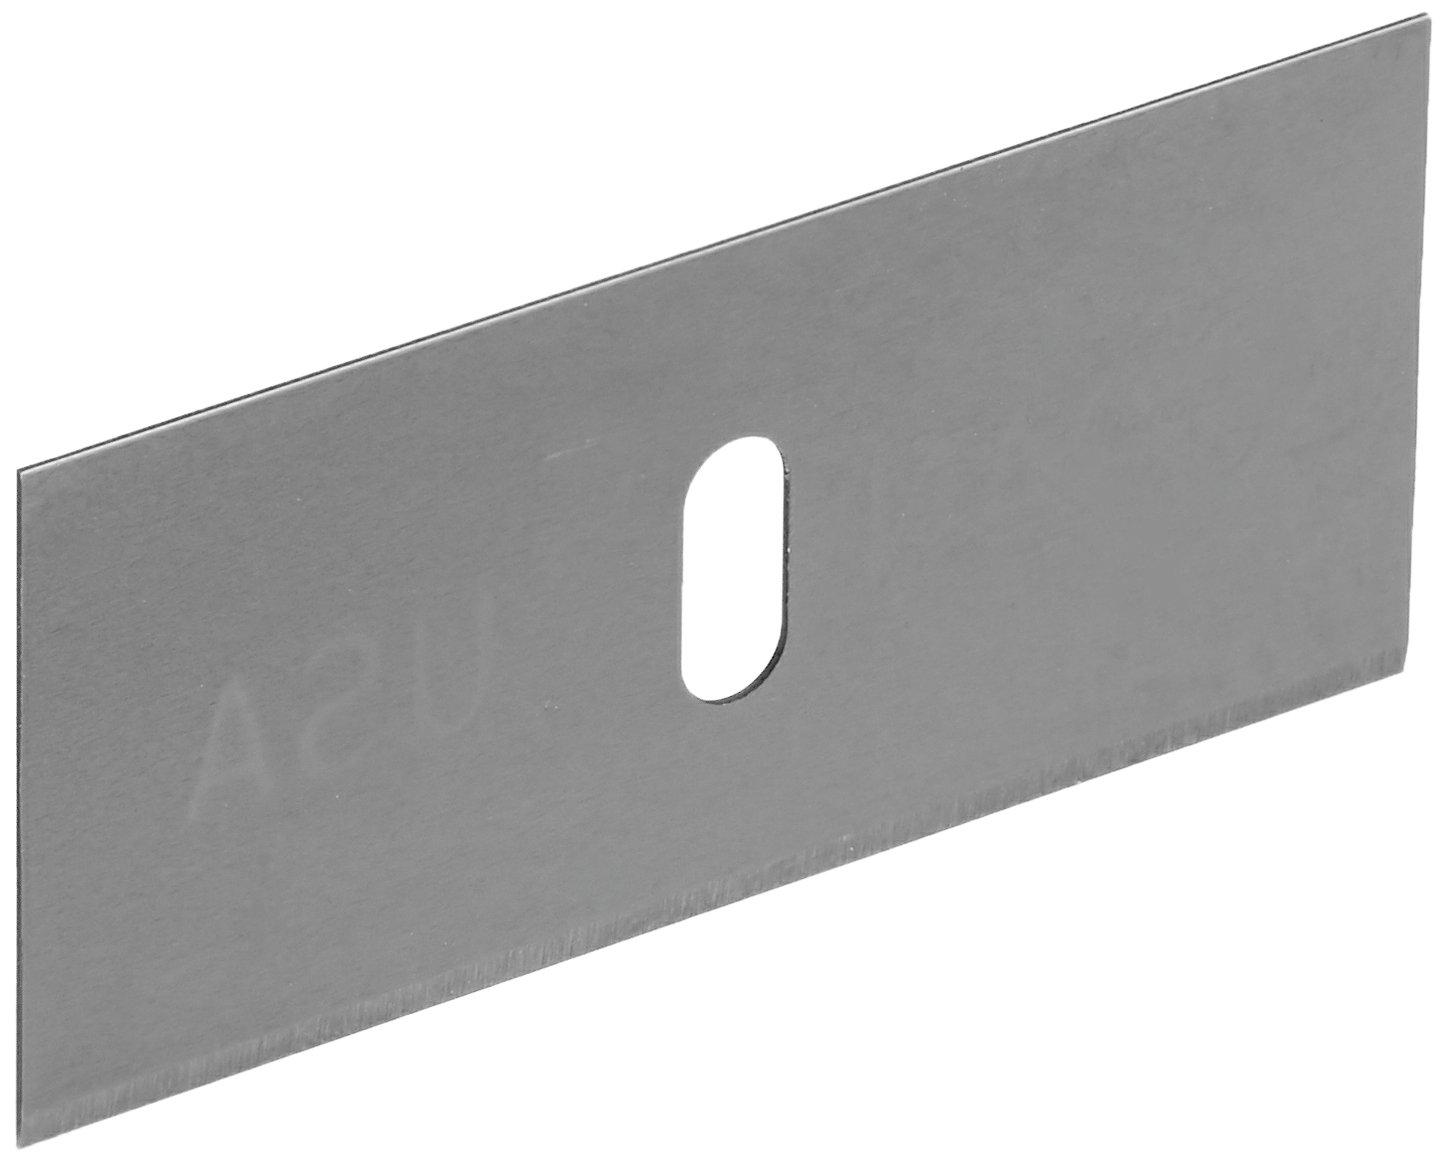 Logan 270-50 Mat Cutter Refill Blades (50 Pack), Silver